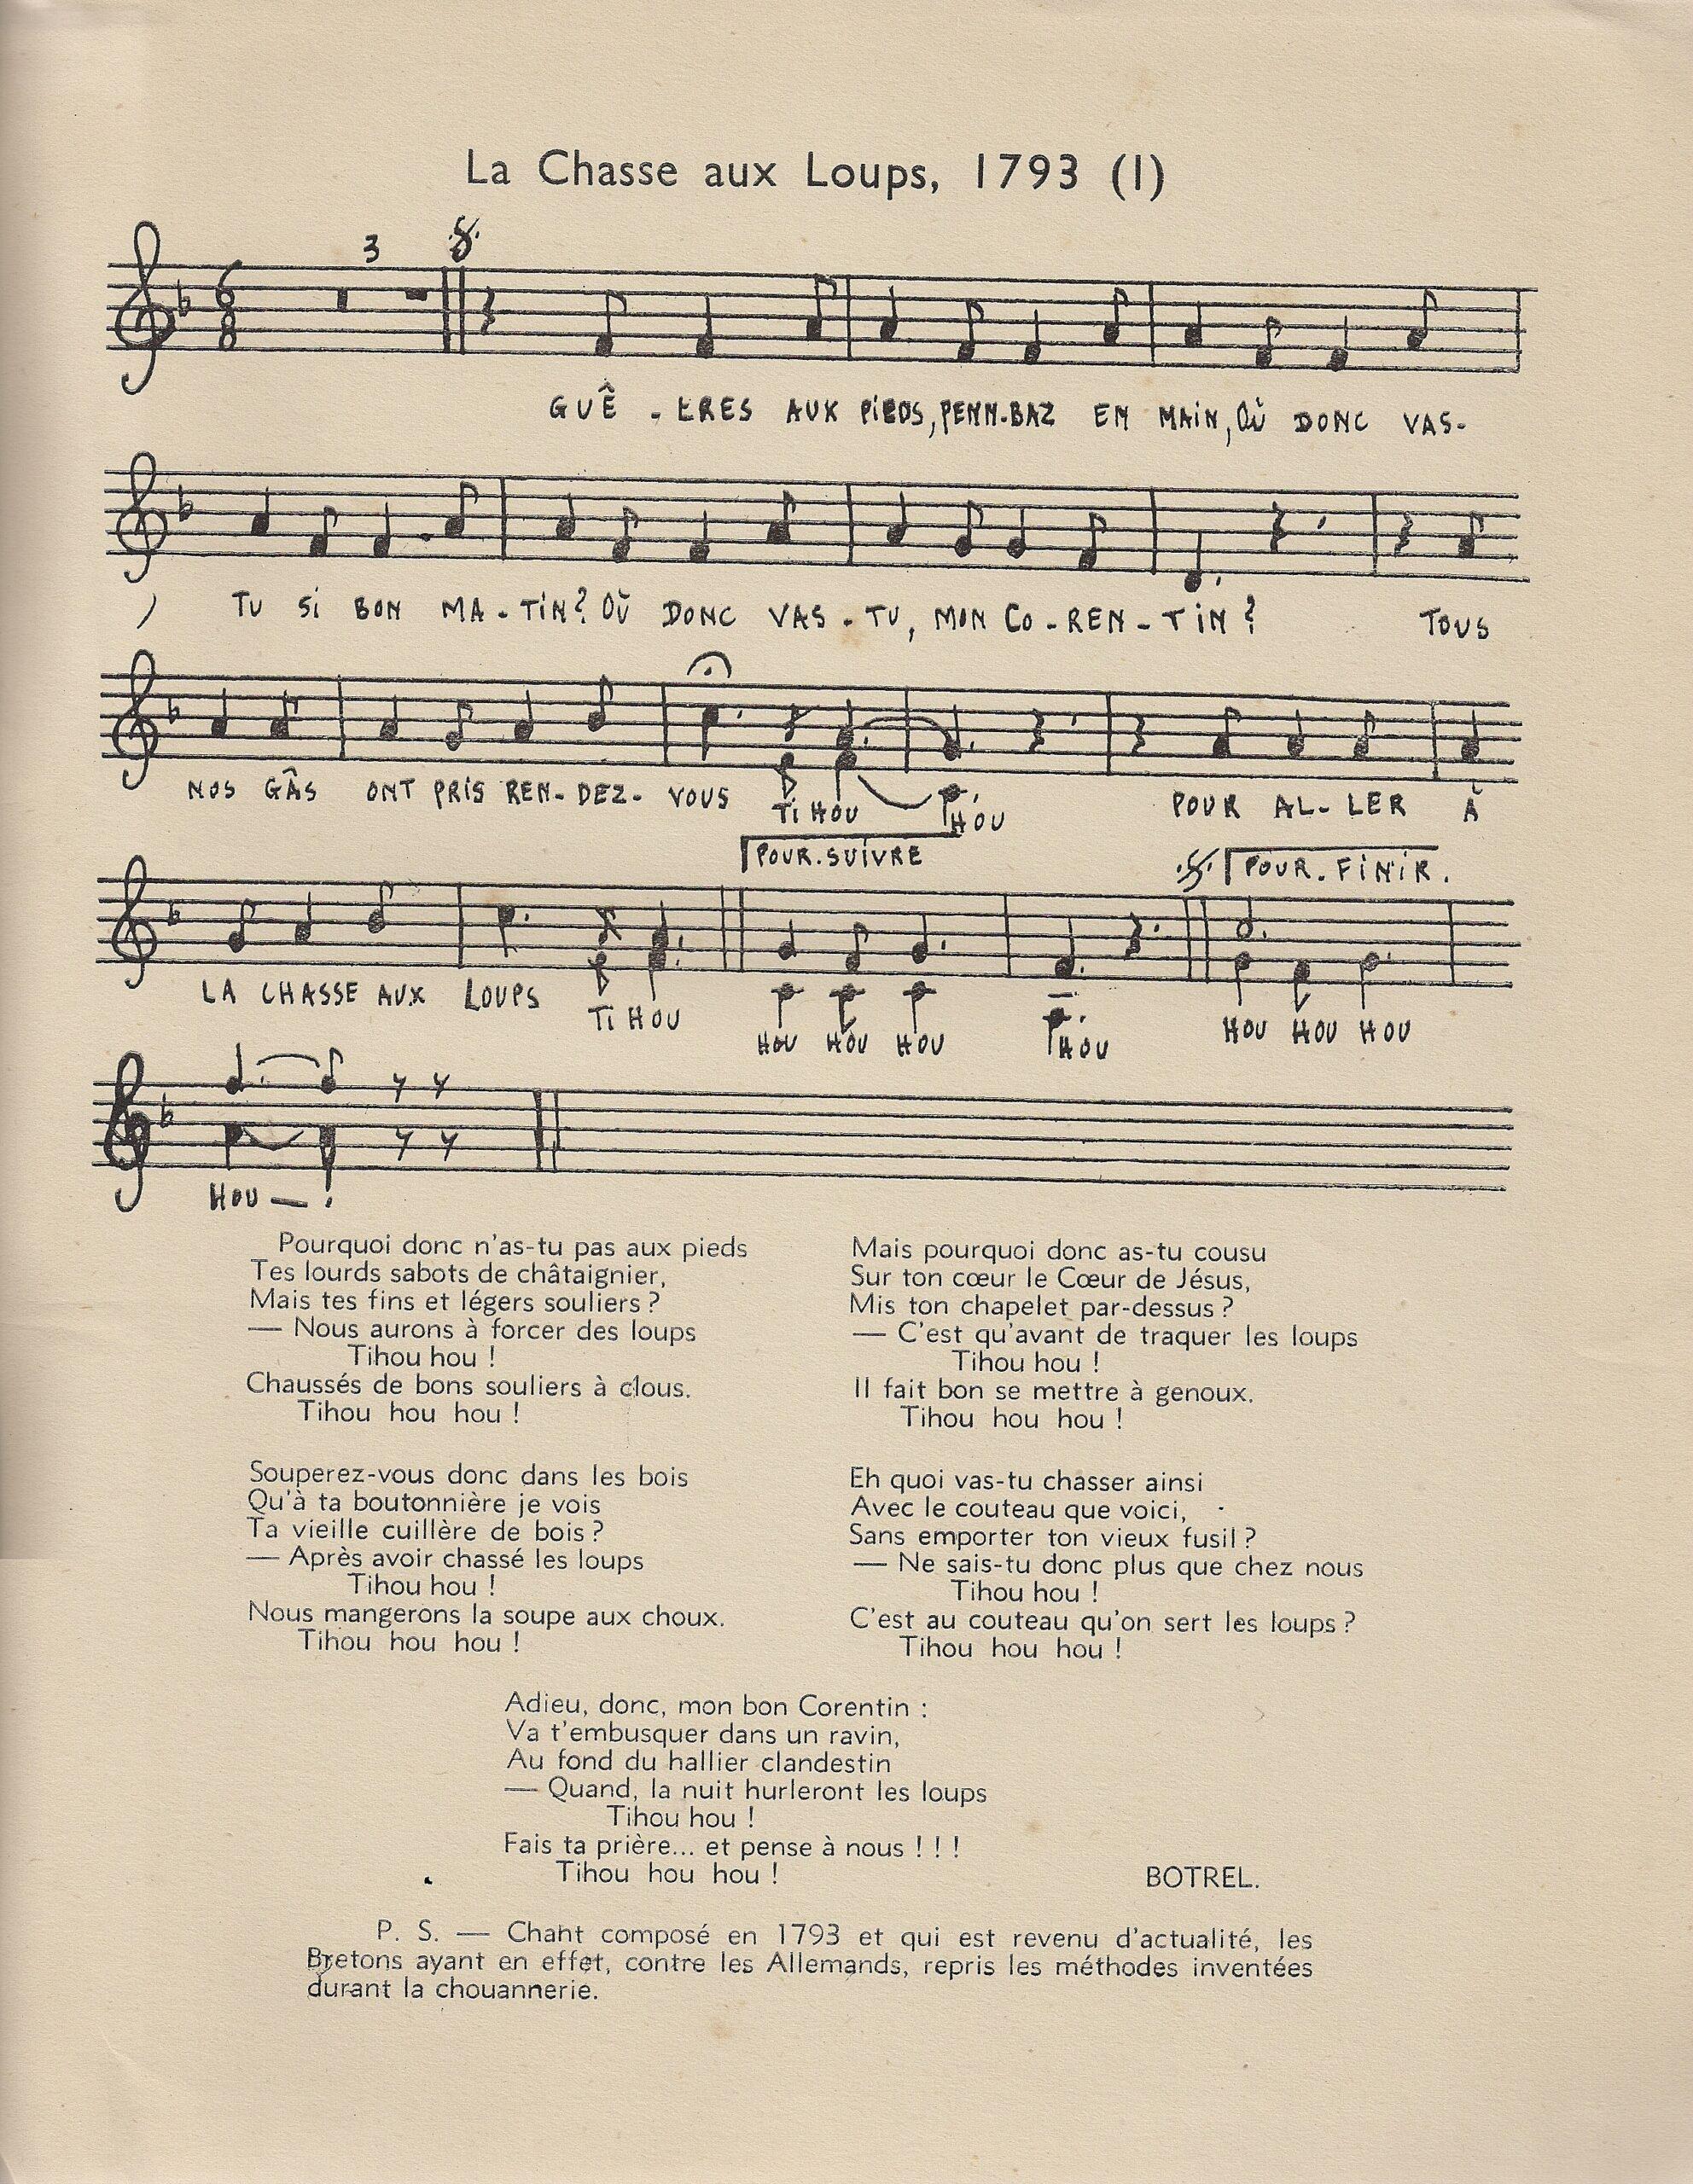 Résister par la chanson